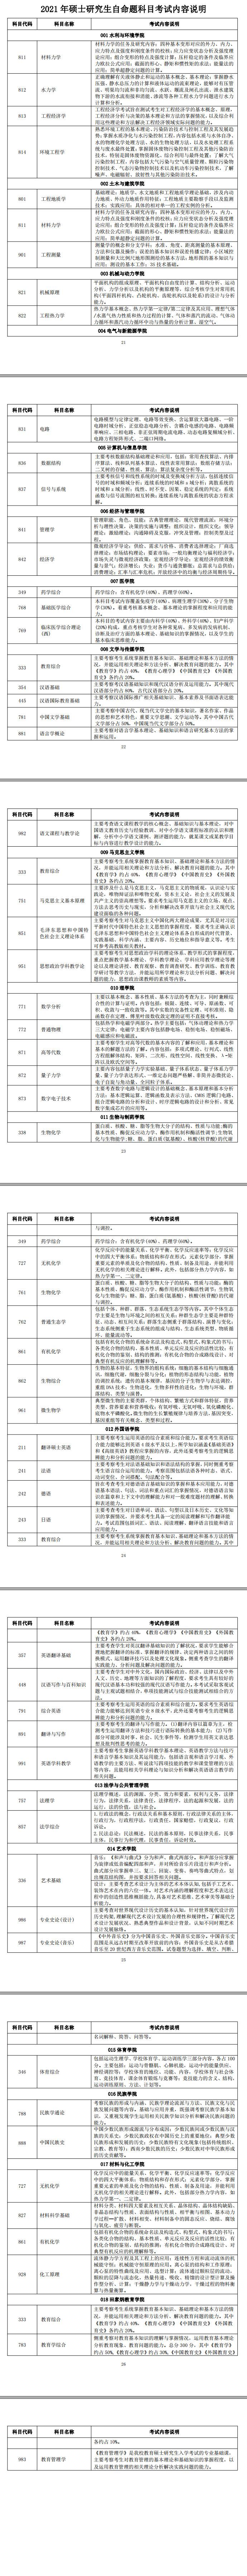 三峡大学2021考研自命题科目考试说明